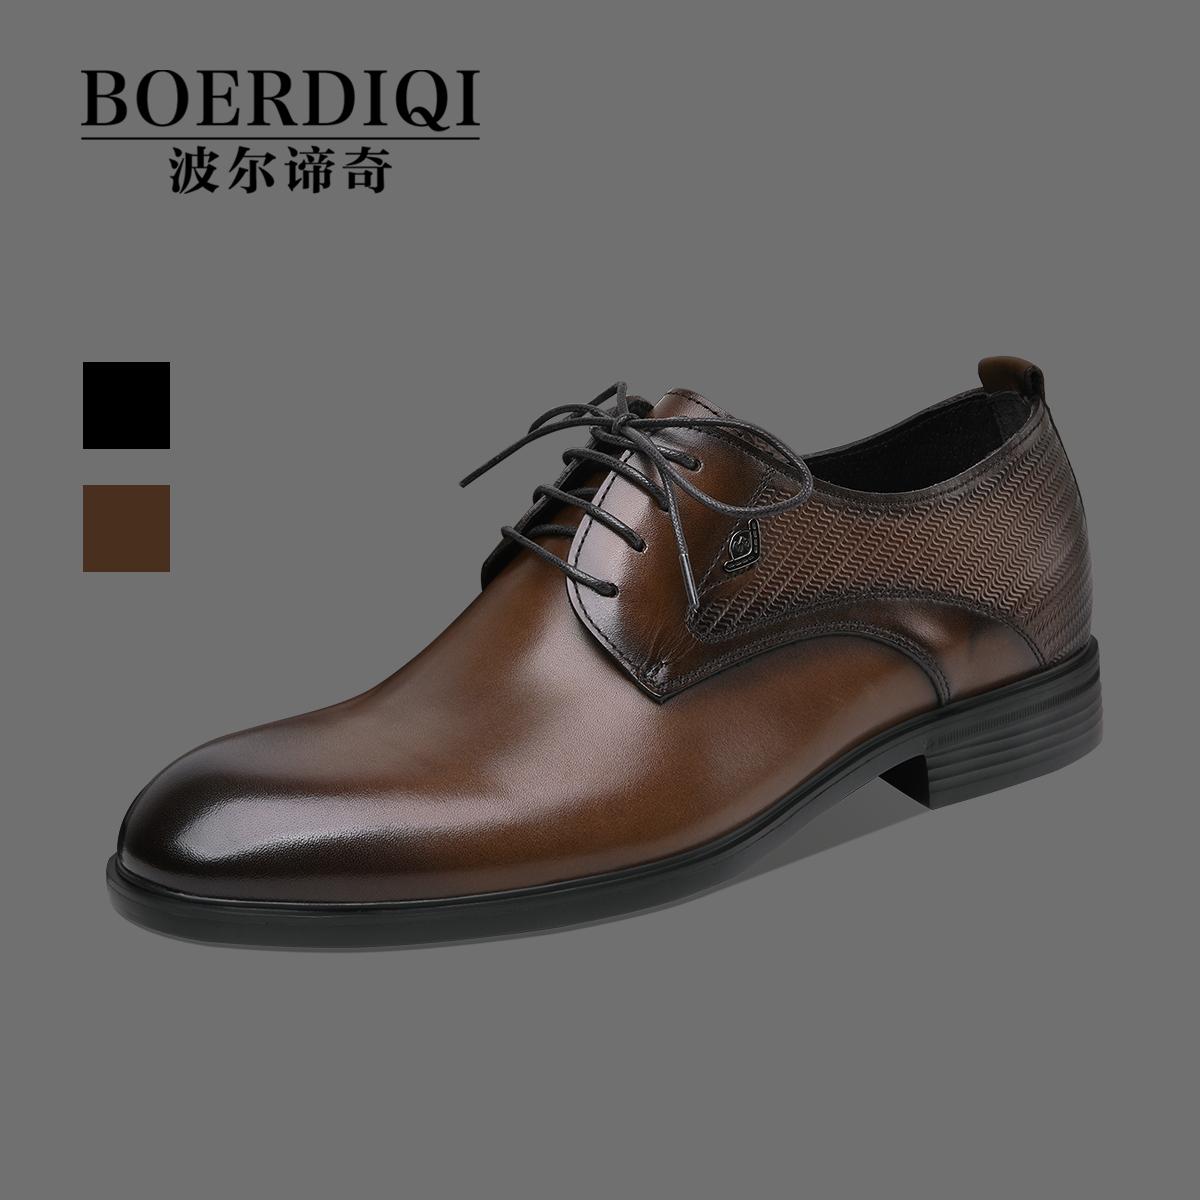 ハイエンドハンドメイドビジネス本革男性靴2021新型牛革ドイツ靴正装メンズ社交靴ブーム